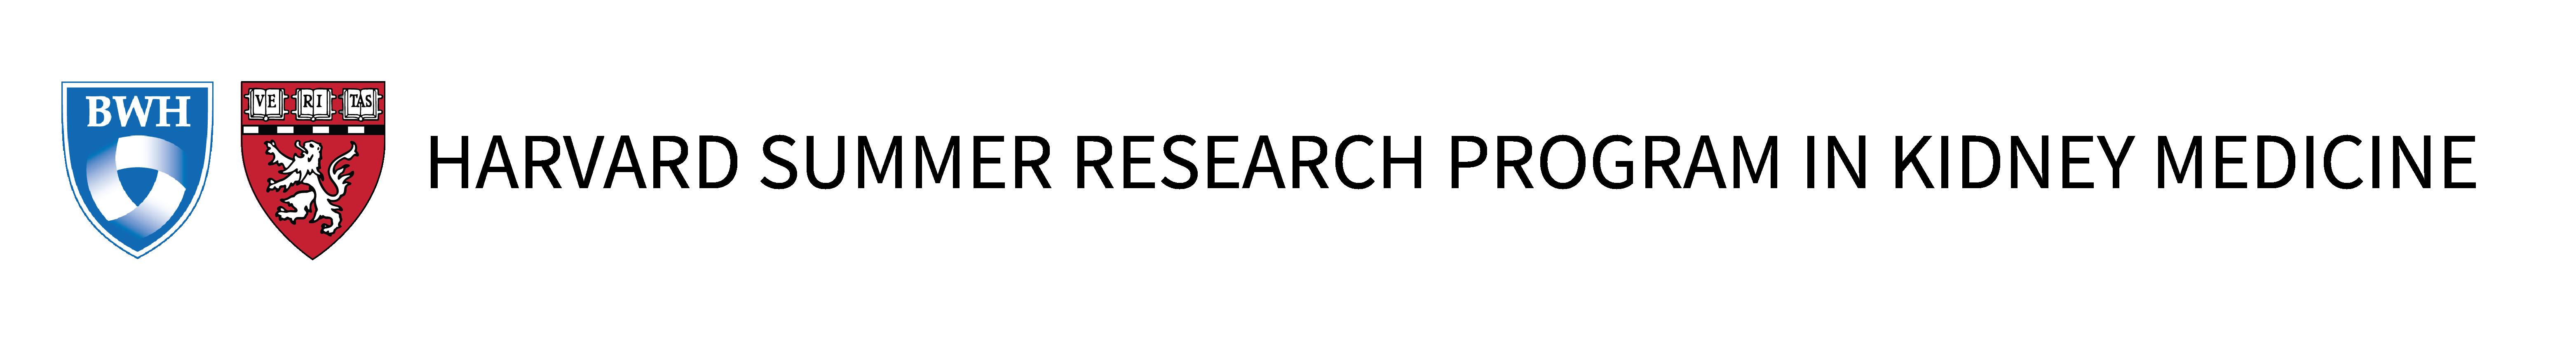 HSRPKM